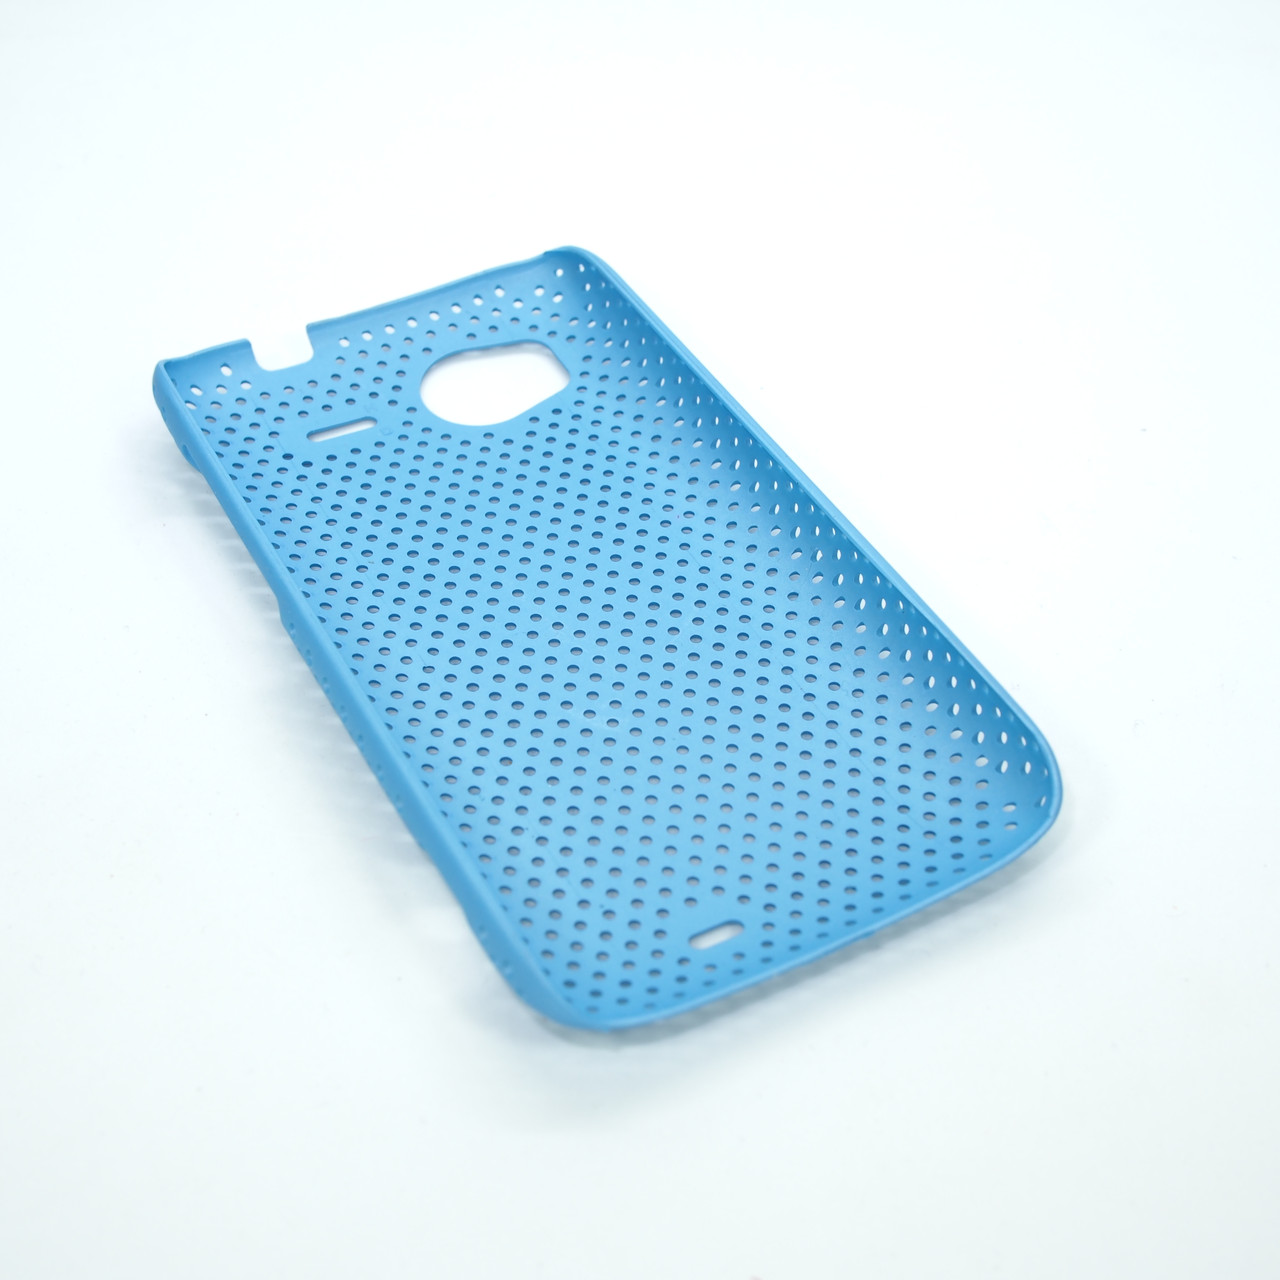 Чехлы для других смартфонов HTC Sensation light-blue